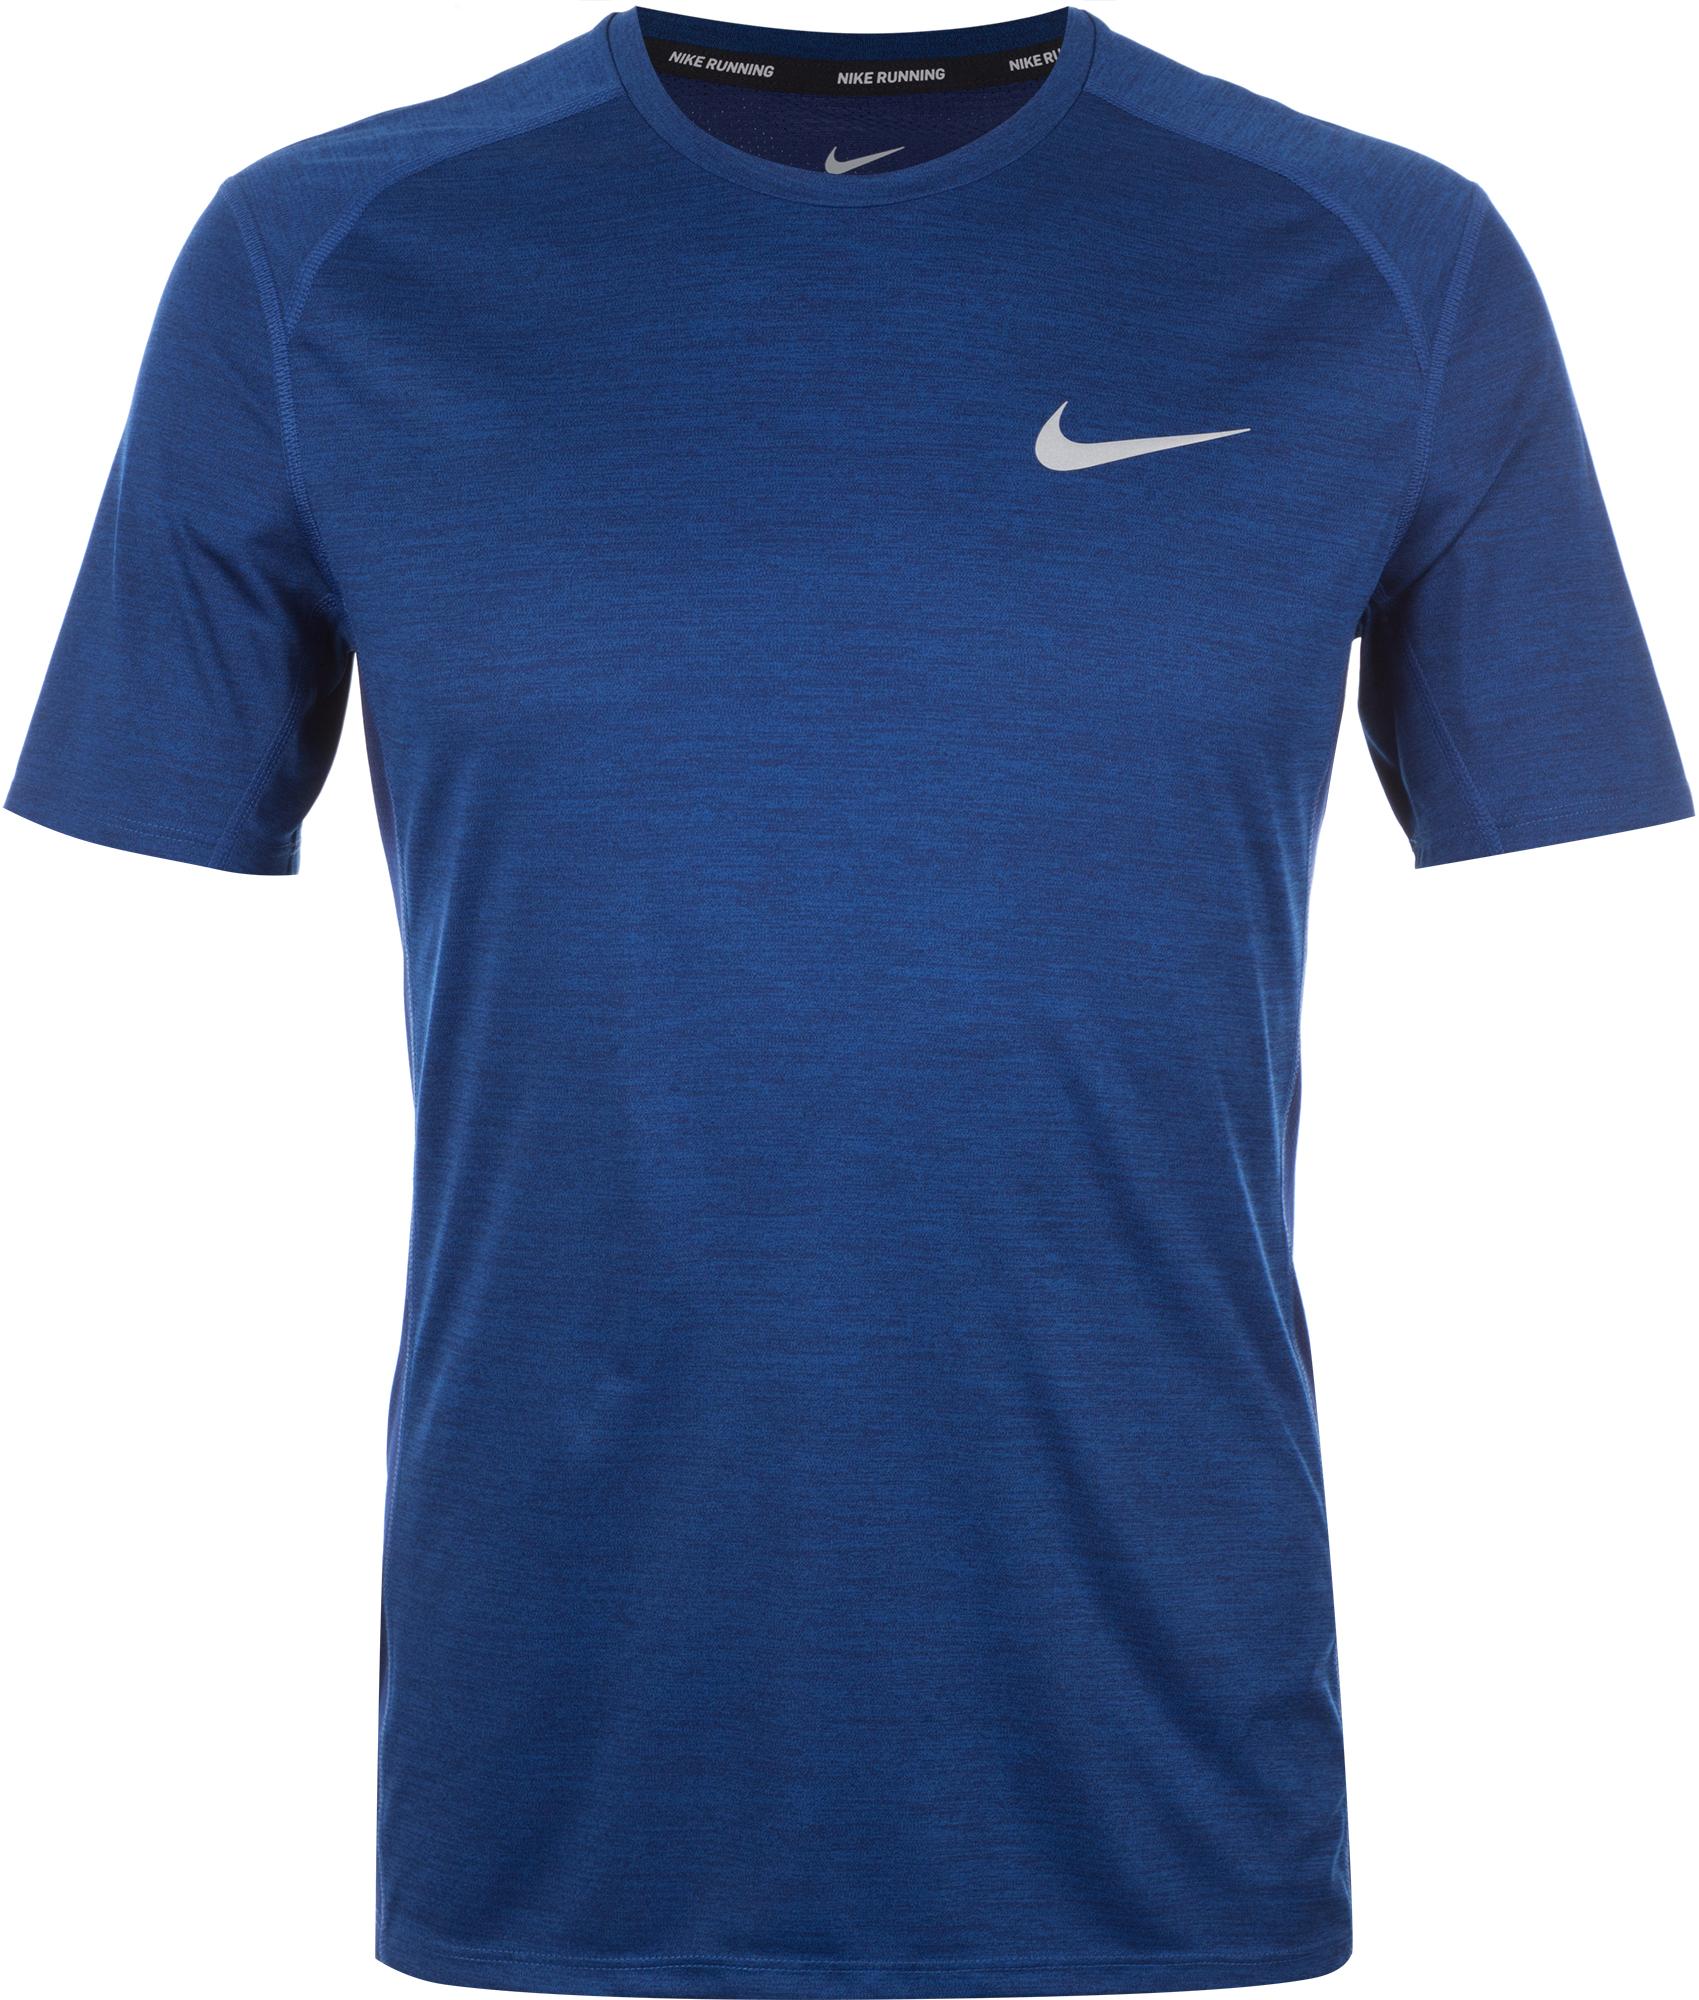 Nike Футболка мужская Nike Dry Miler, размер 50-52 все цены